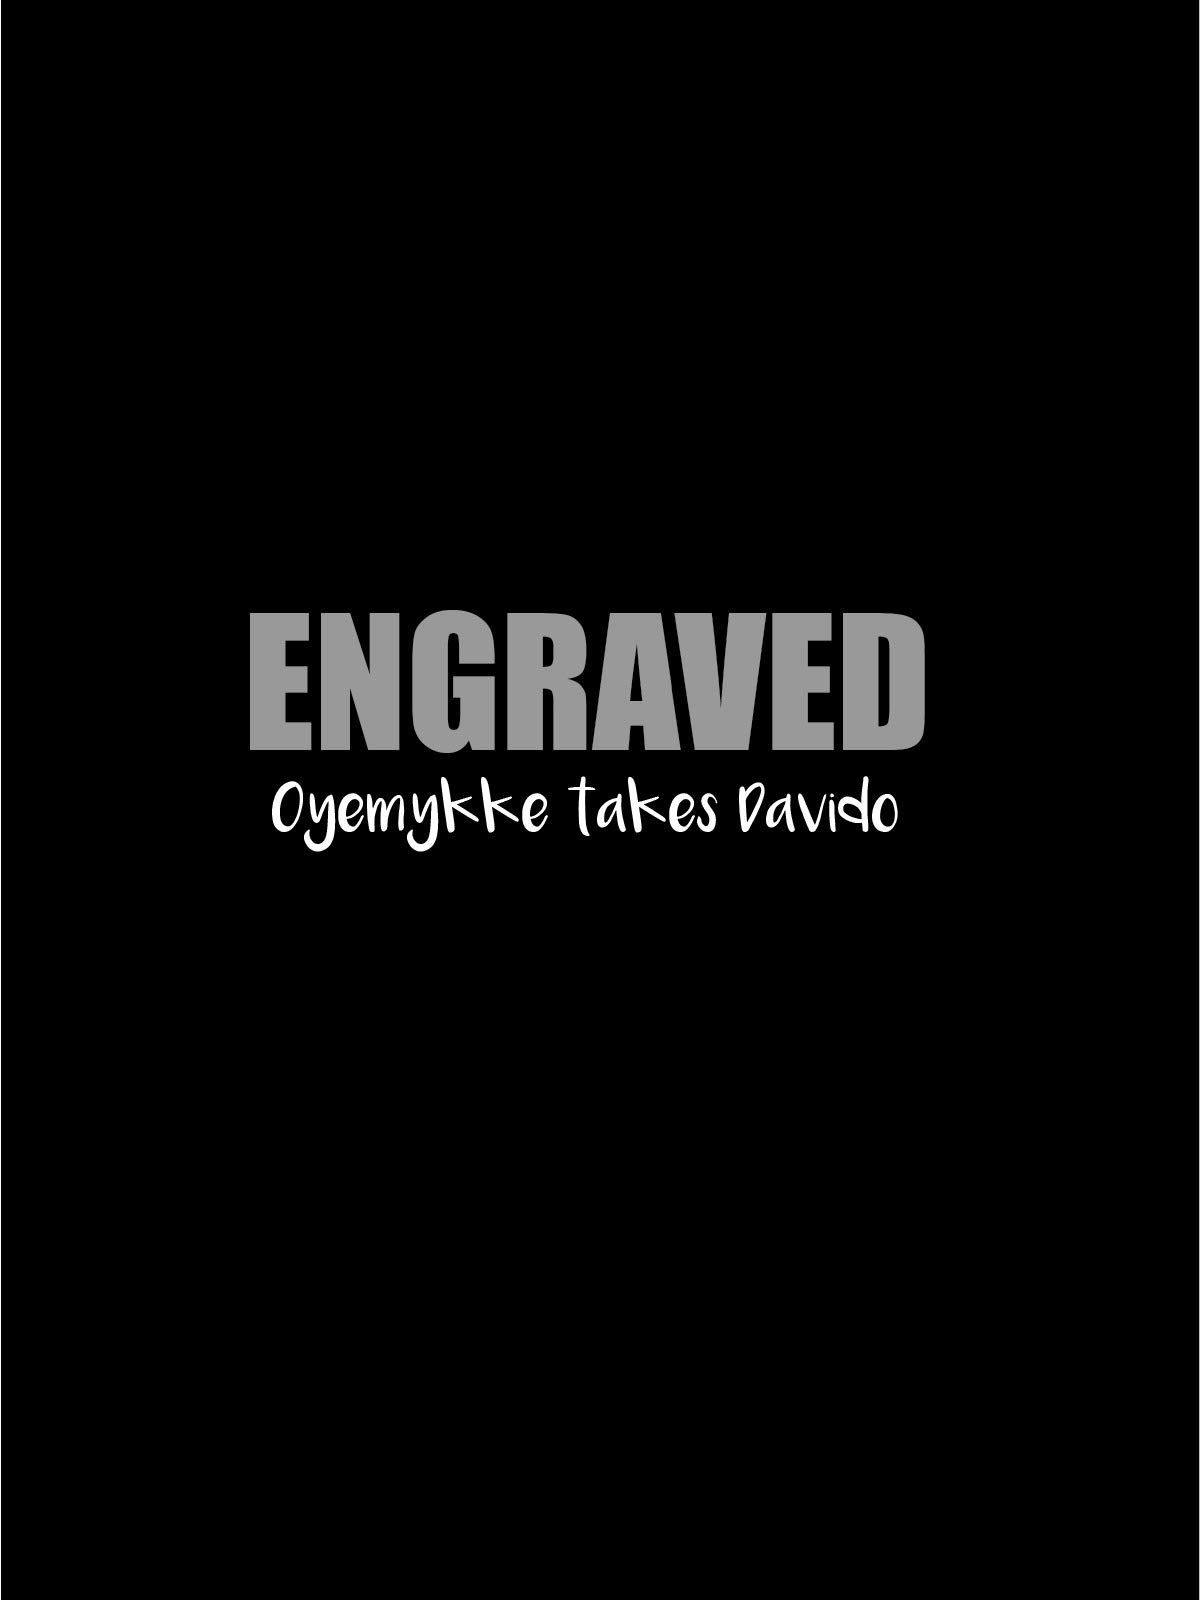 Engraved Oyemykke Takes Davido